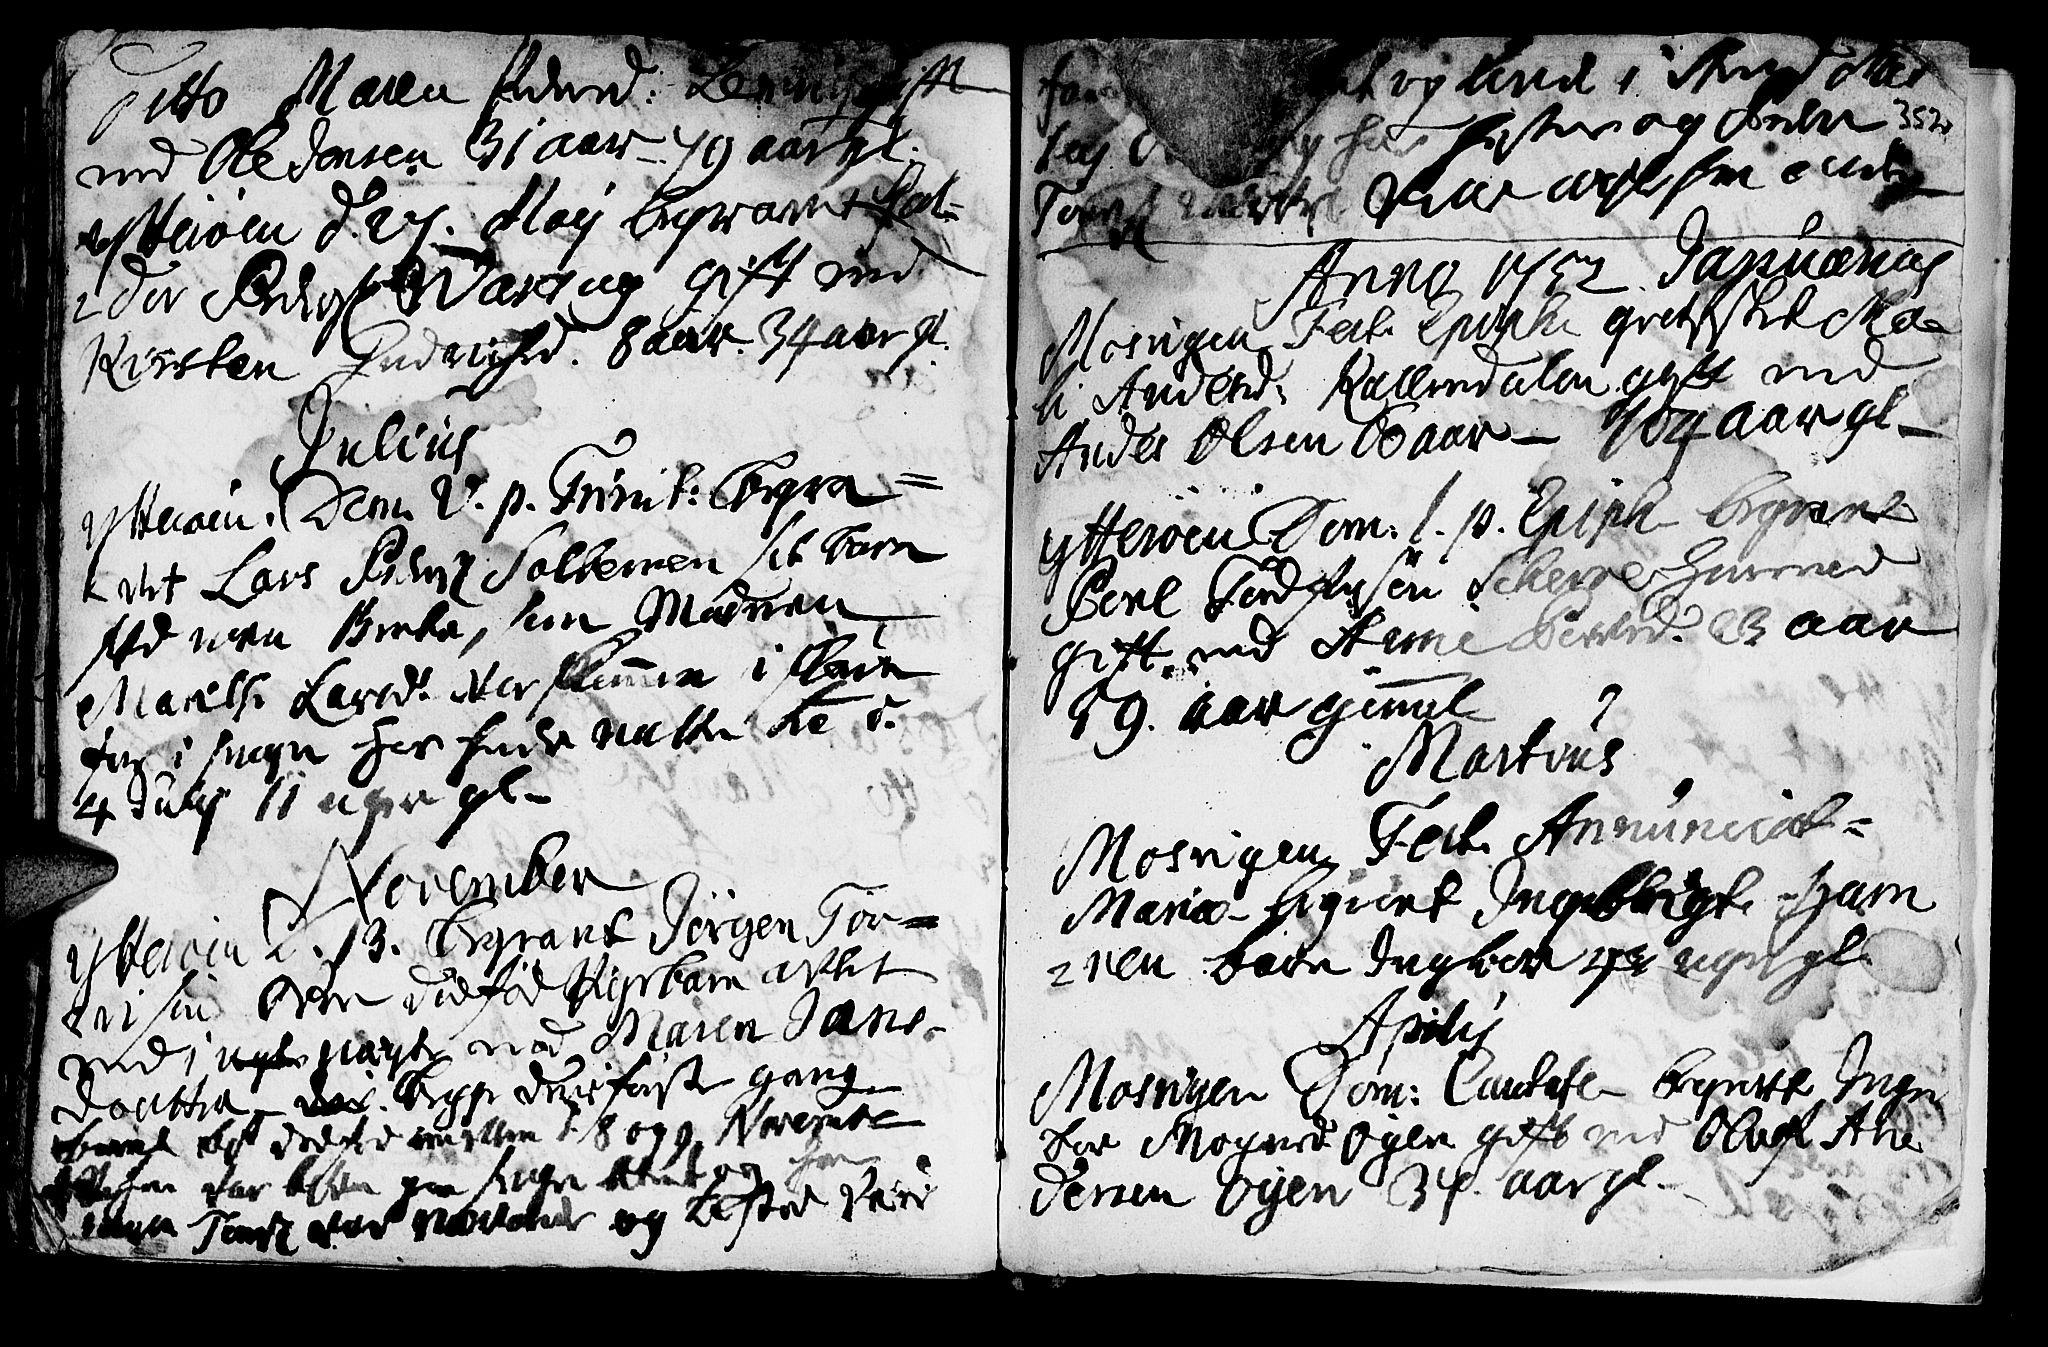 SAT, Ministerialprotokoller, klokkerbøker og fødselsregistre - Nord-Trøndelag, 722/L0215: Ministerialbok nr. 722A02, 1718-1755, s. 352